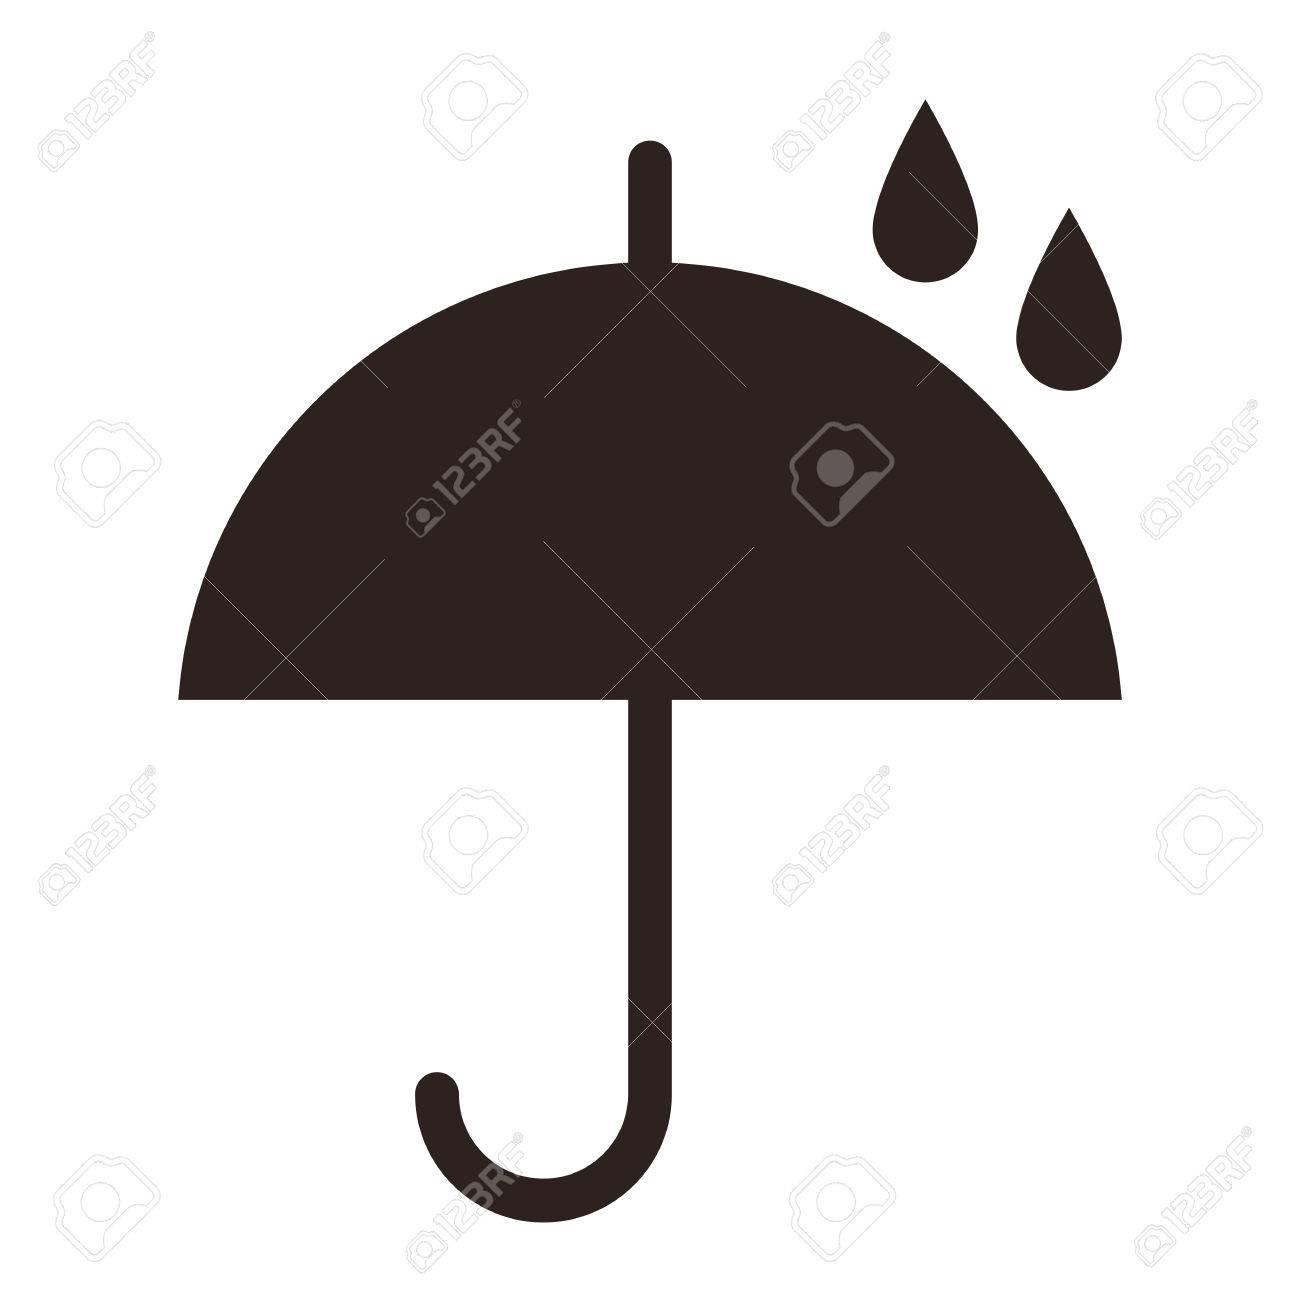 Charmant Regenschirm Ausgeschnittene Vorlage Ideen - Beispiel ...